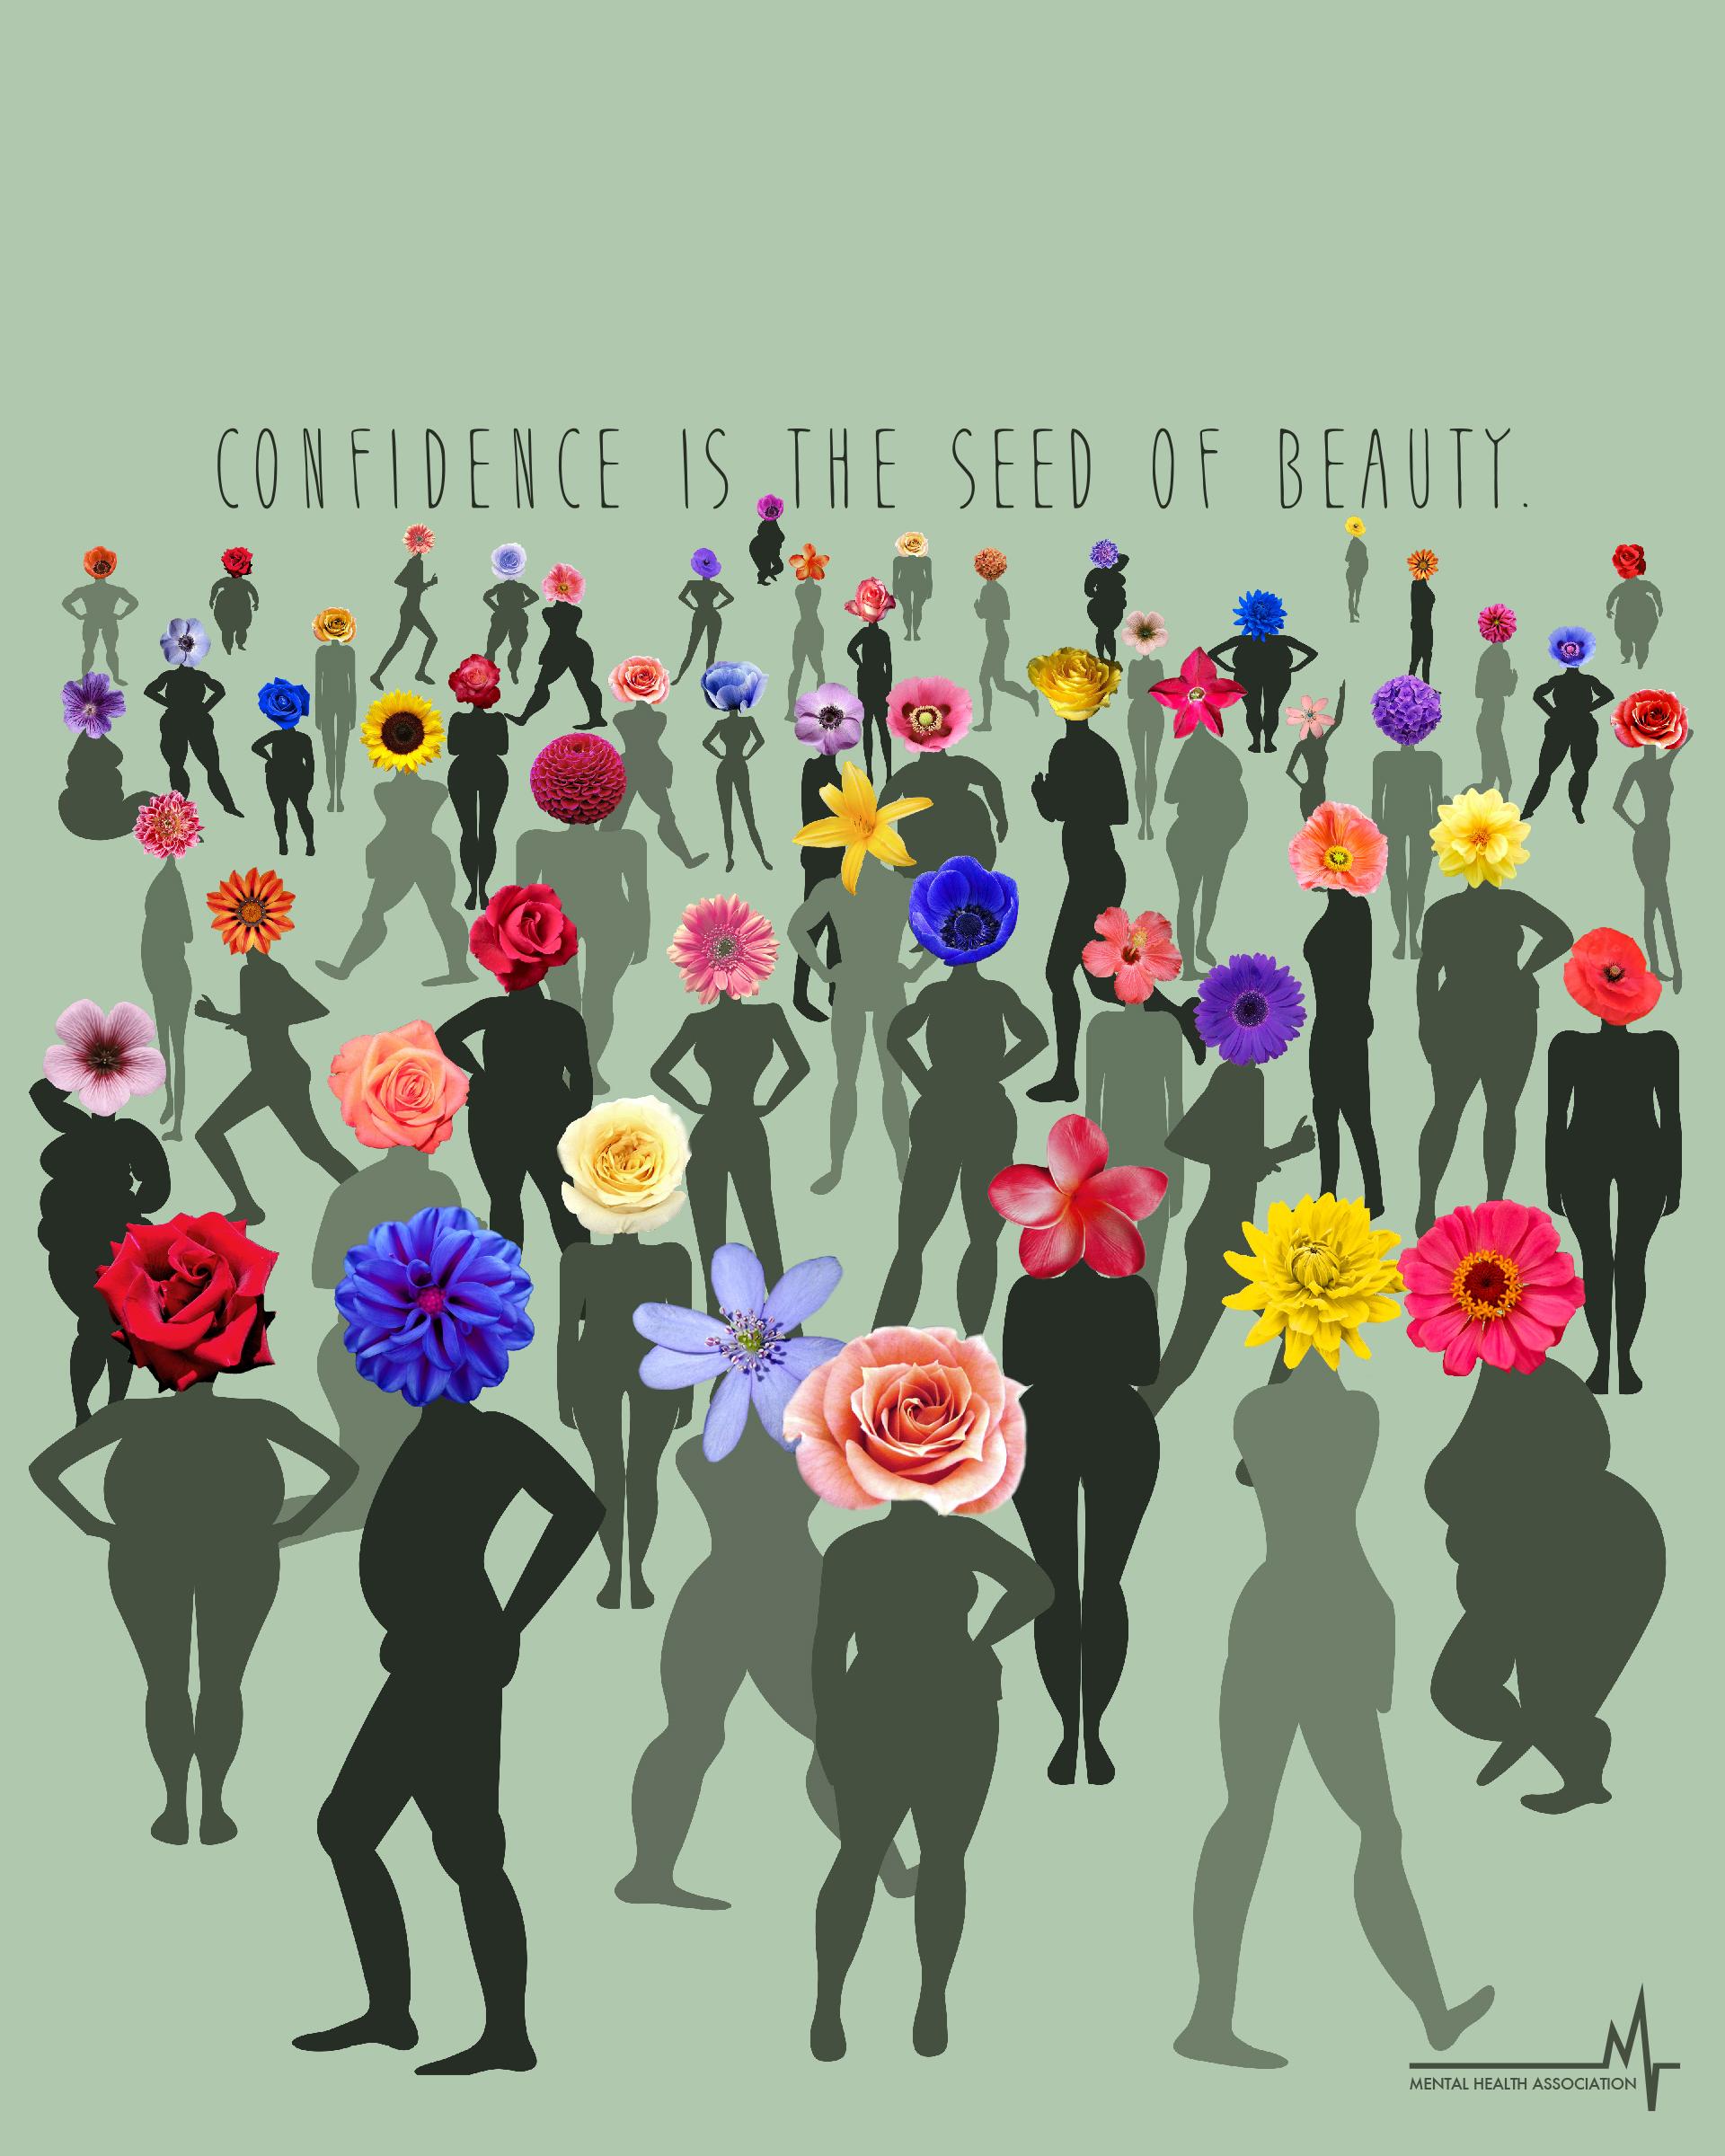 flowerfinaldone.jpg